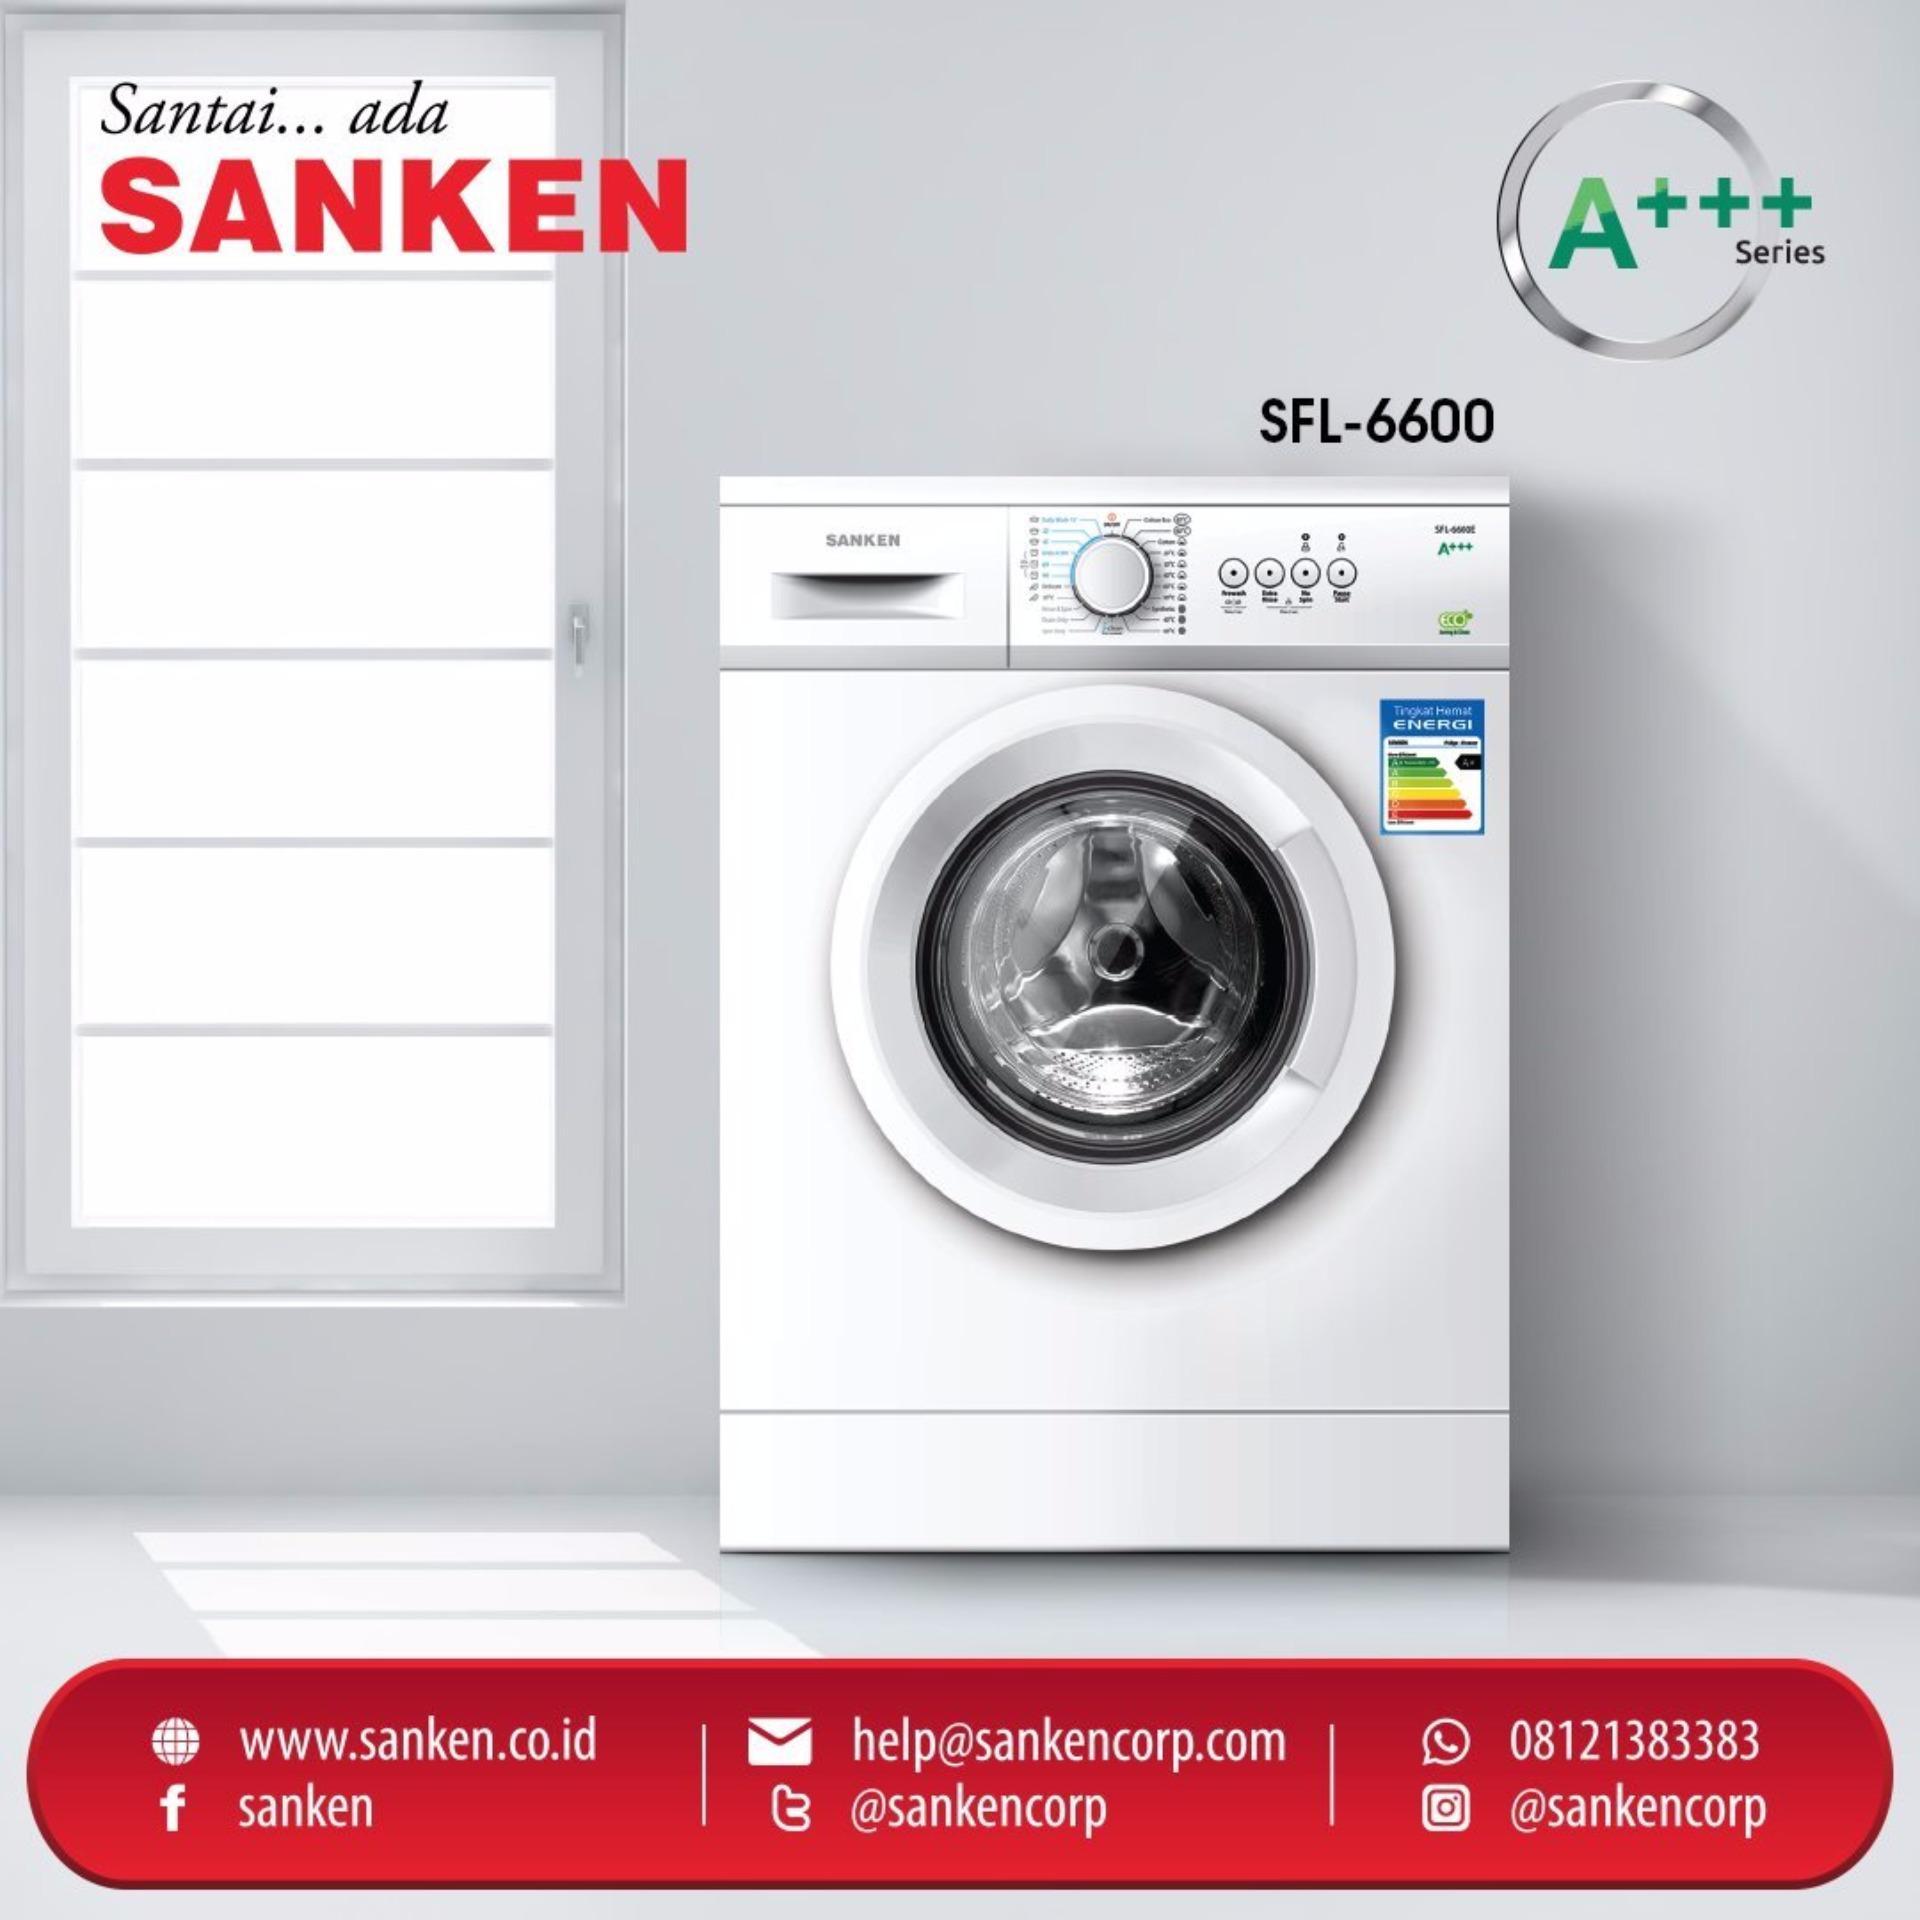 Bandingkan Toko Sanken Mesin Cuci Front Loading Sfl 6600e Free Samsung Washer Ww75k5210yw Ongkirjabodetabek